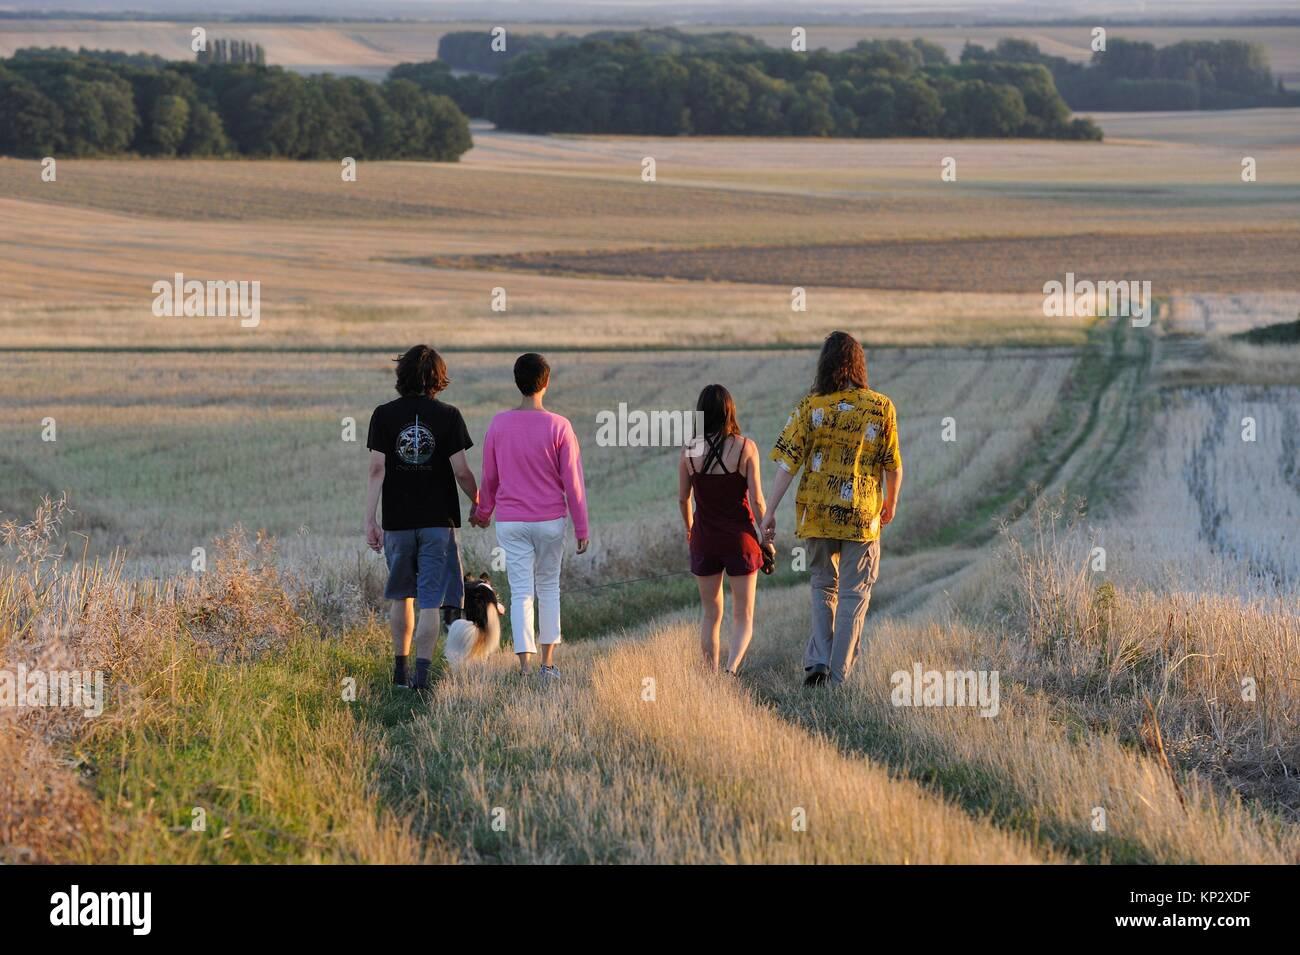 Les jeunes marche autour de Mittainville, département des Yvelines, Ile-de-France, France, Europe. Photo Stock